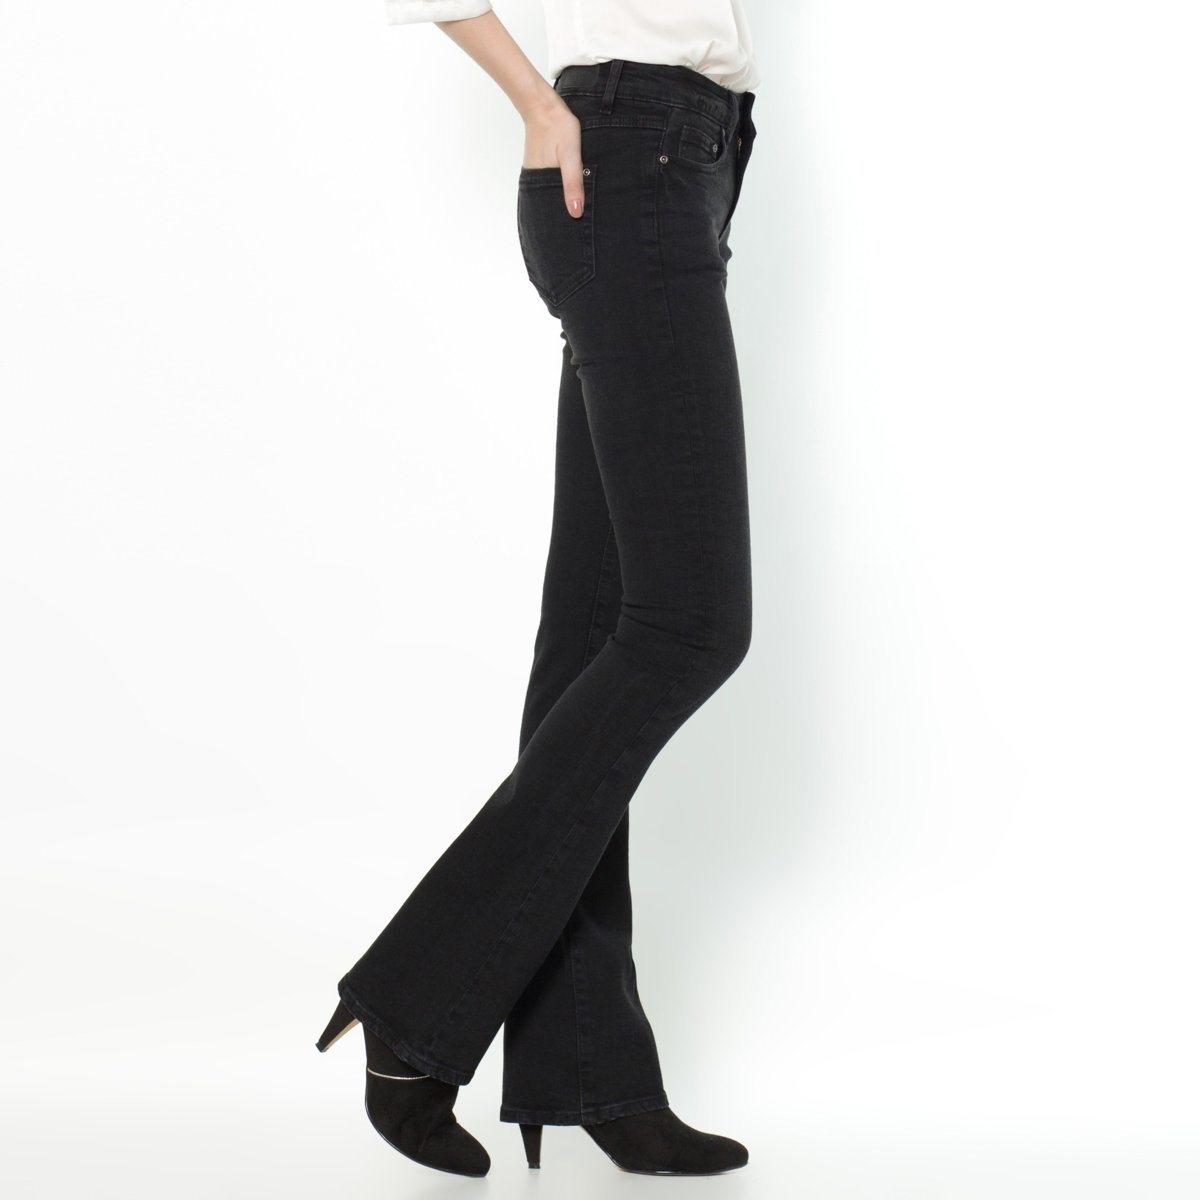 Джинсы-буткат, заниженный поясДжинсы покроя буткат (брюки прямые до колен и расклешенные к низу). Покрой 5 карманов. Планка застежки на молнию.Деним, 98% хлопка, 2% эластана. Длина по внутреннему шву 83 см, ширина по низу 23 см. Существует 3 варианта длины..<br><br>Цвет: голубой потертый,синий потертый,черный потертый<br>Размер: 33 (US) - 48/50 (RUS).30 (US) - 46 (RUS).31 (US) - 46/48 (RUS).37 (46/48).38 (US) - 54 (RUS)